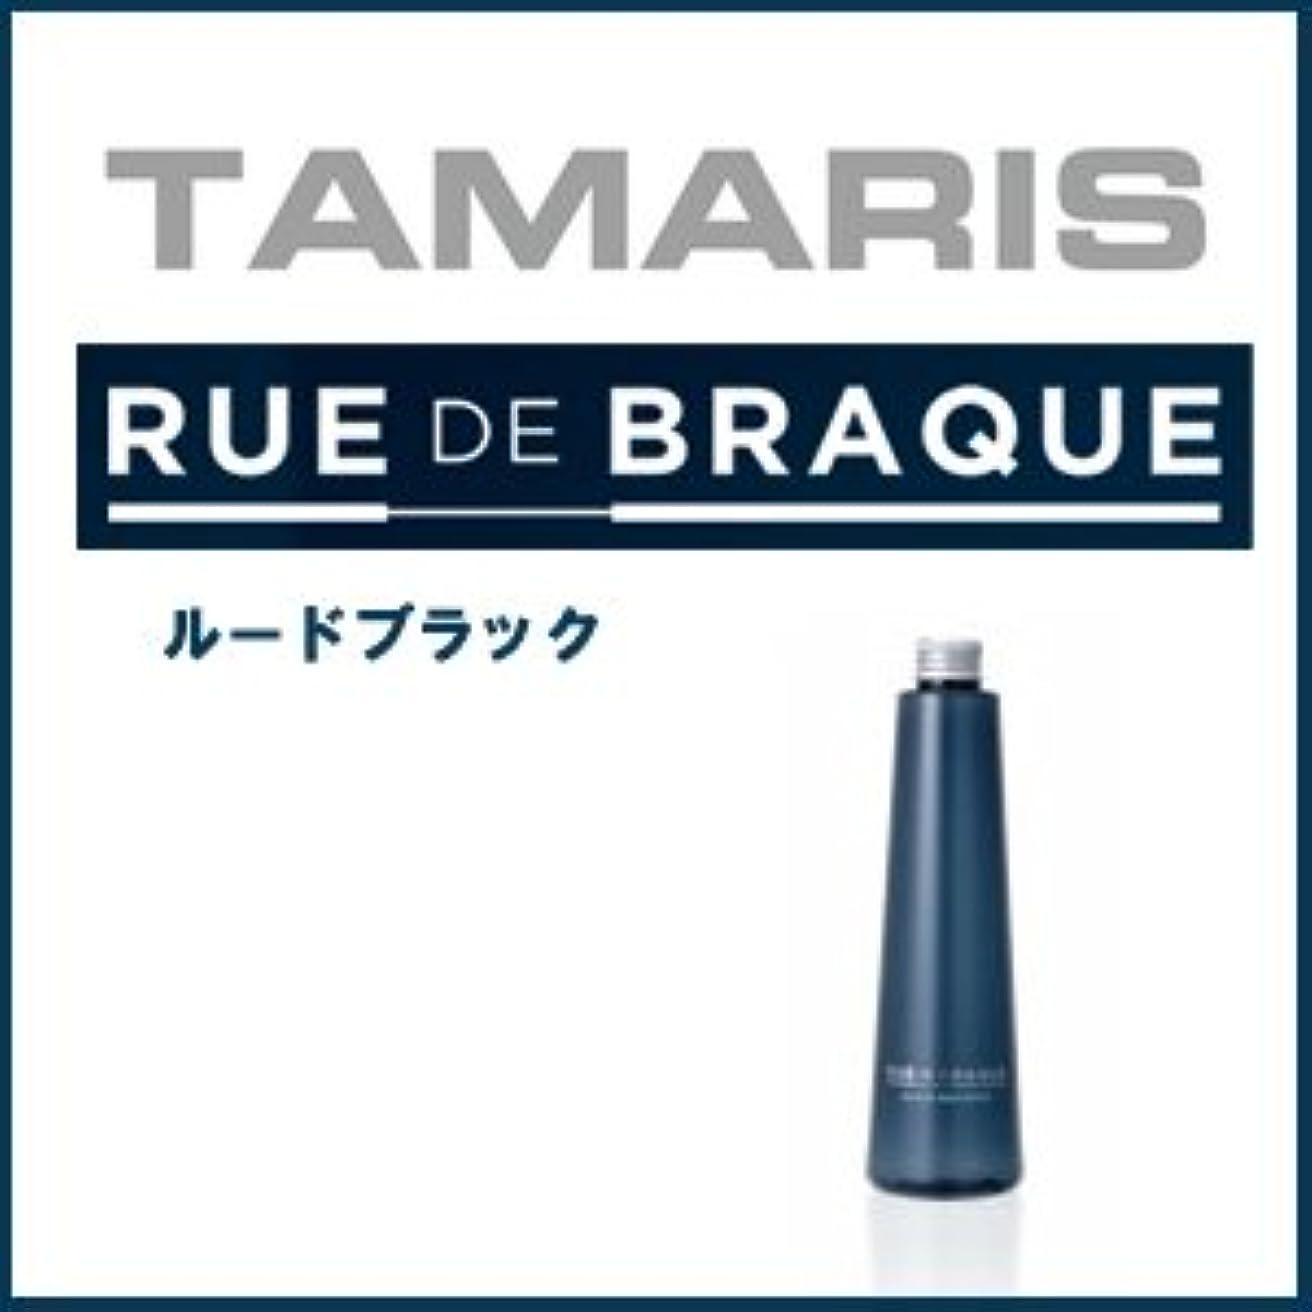 確執断線文法【X2個セット】 タマリス ルードブラック スキャルプシャンプー 300ml 容器入り